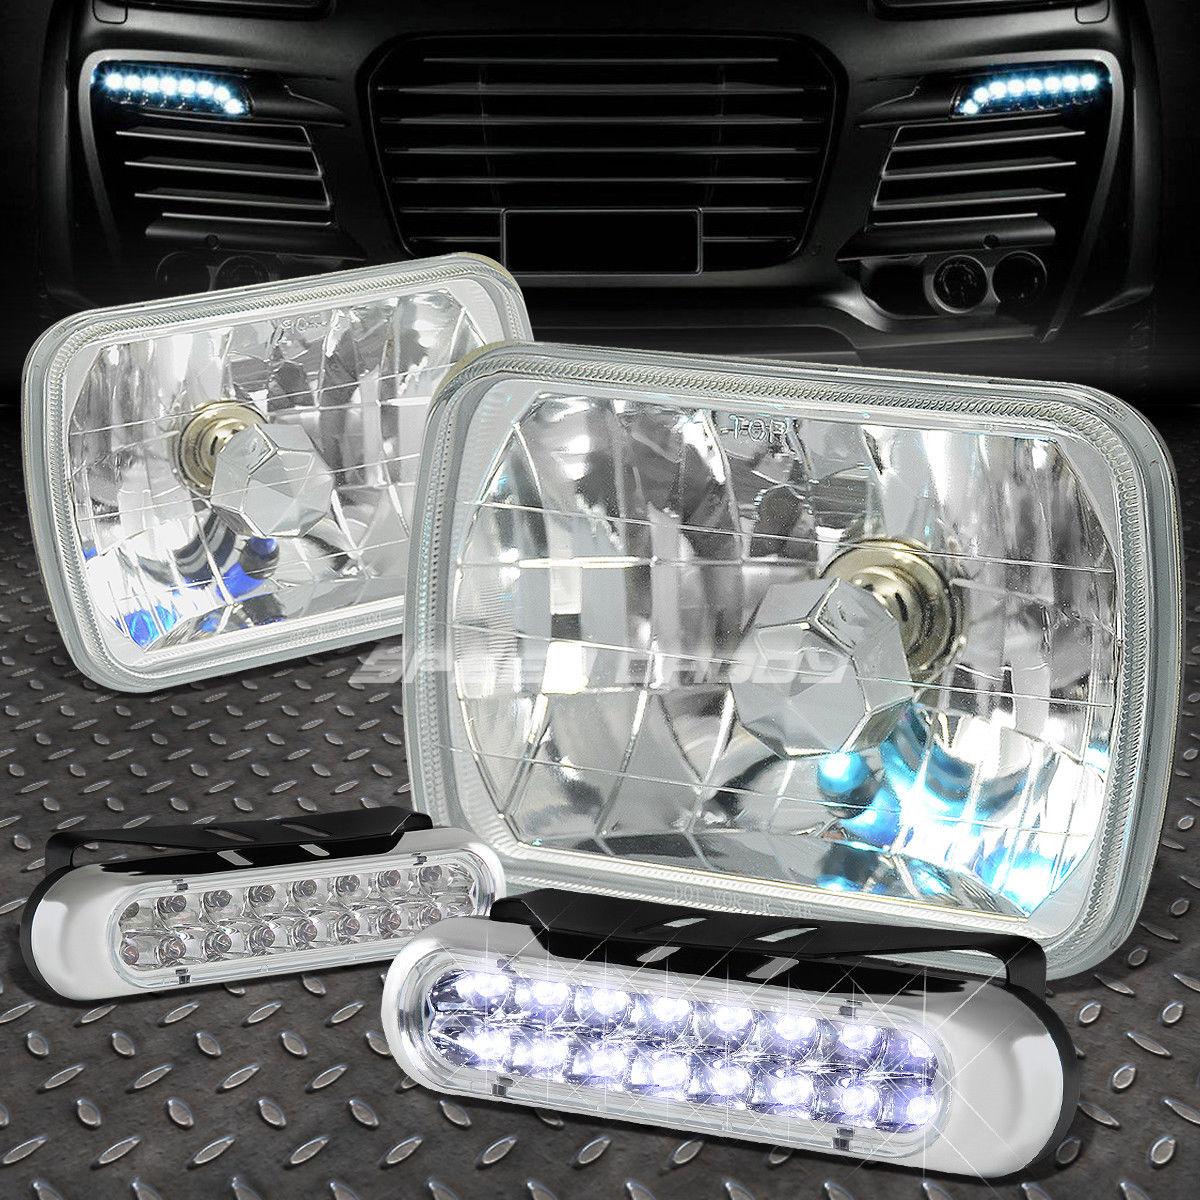 フォグライト 7x6 H6014 SQUARE CHROME HOUSING HEADLIGHT+16 LED GRILL FOG LIGHT FOR HONDA 7x6 H6014スクエアクロームハウジングヘッドライト+ 16 LEDグリルフォグホンダ用ライト